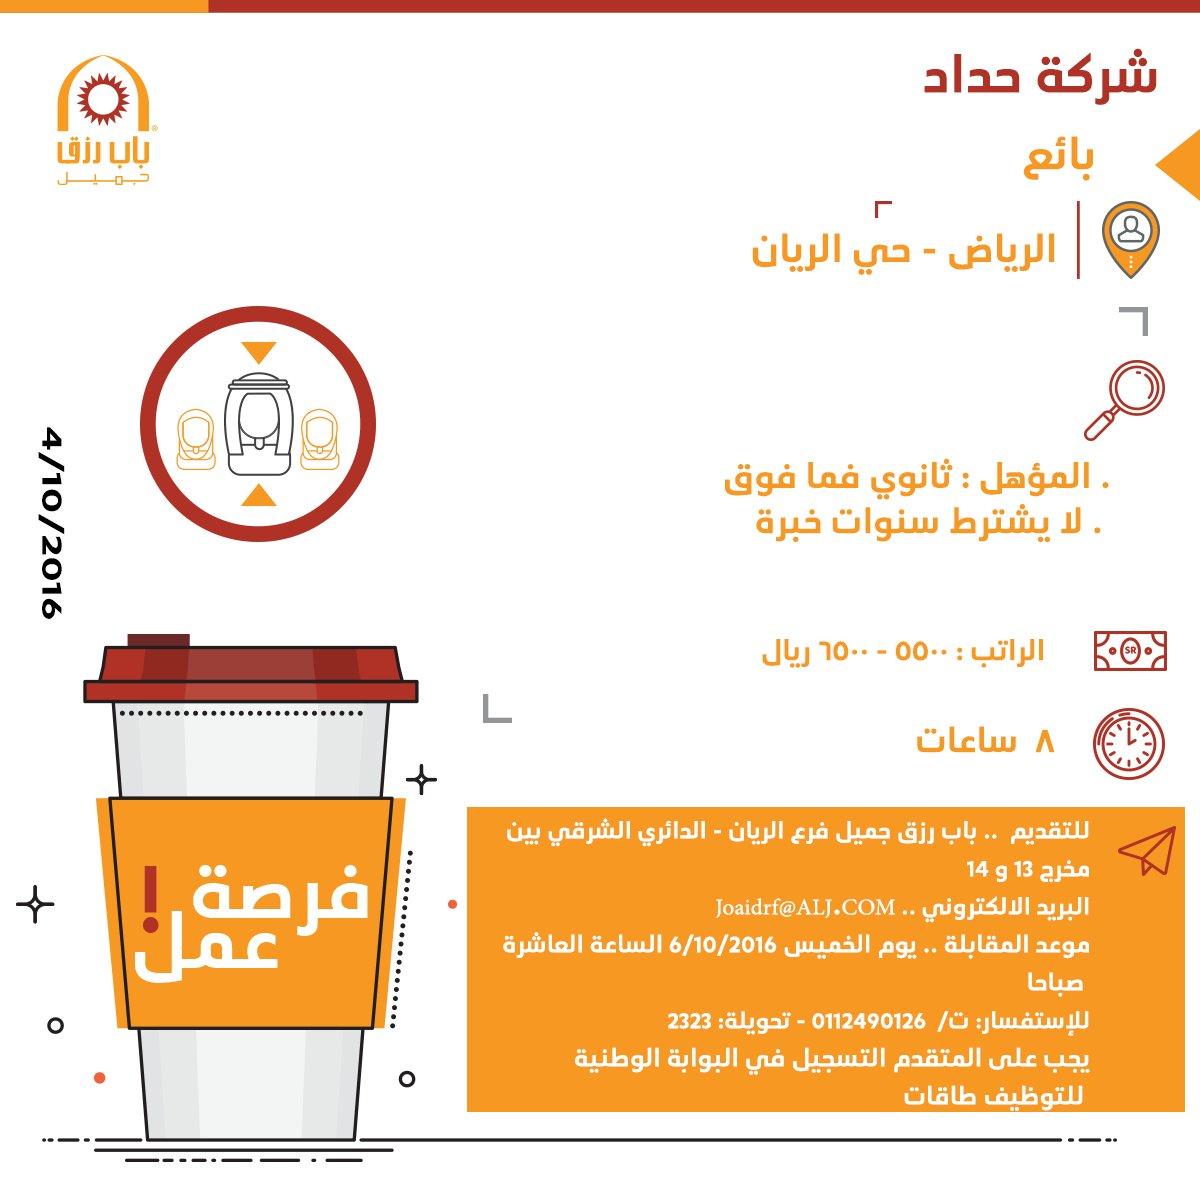 غدا الخميس التقديم على وظيفة بائع في شركة الحداد - الرياض